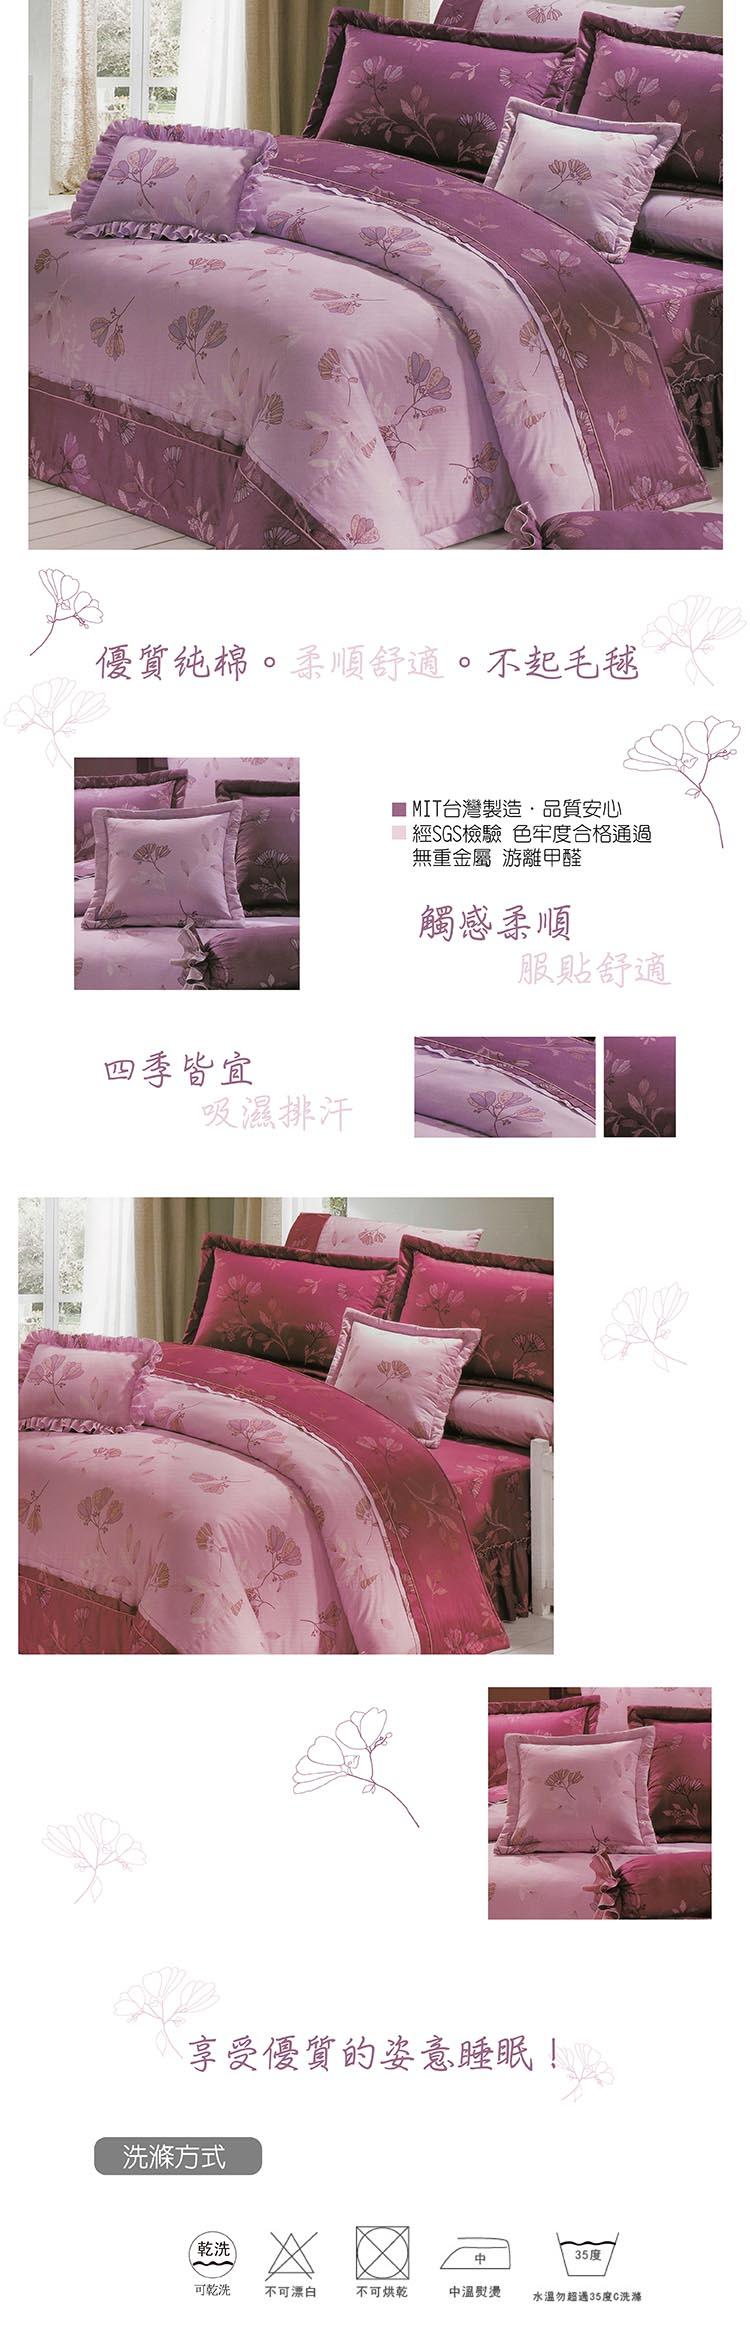 加大雙人7件式床罩組【夢幻】專櫃精品、100%純綿、台灣製 1